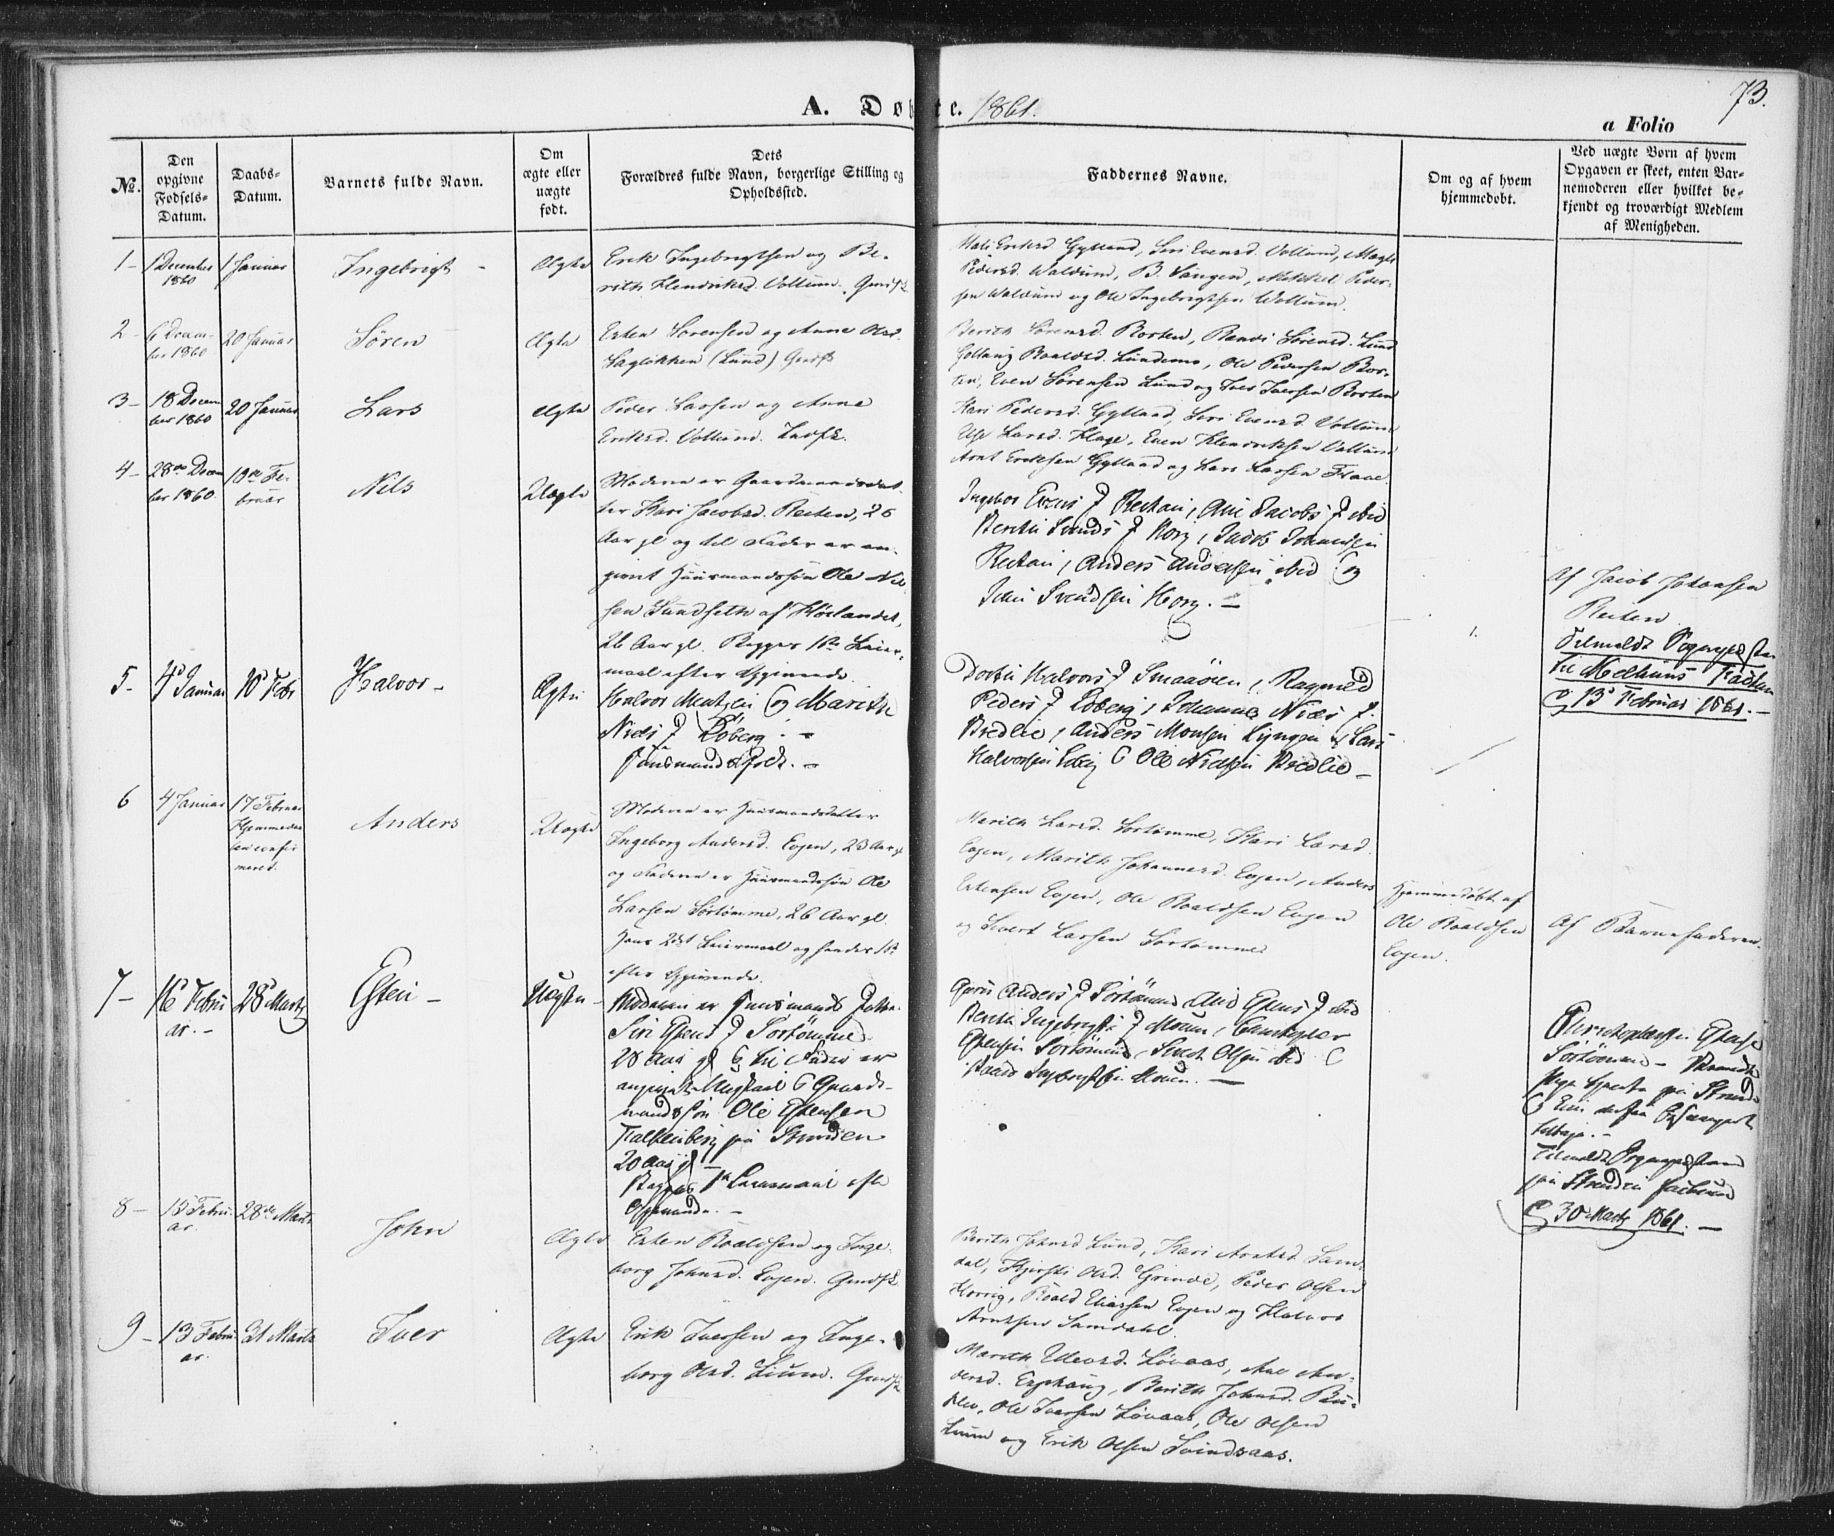 SAT, Ministerialprotokoller, klokkerbøker og fødselsregistre - Sør-Trøndelag, 692/L1103: Ministerialbok nr. 692A03, 1849-1870, s. 73